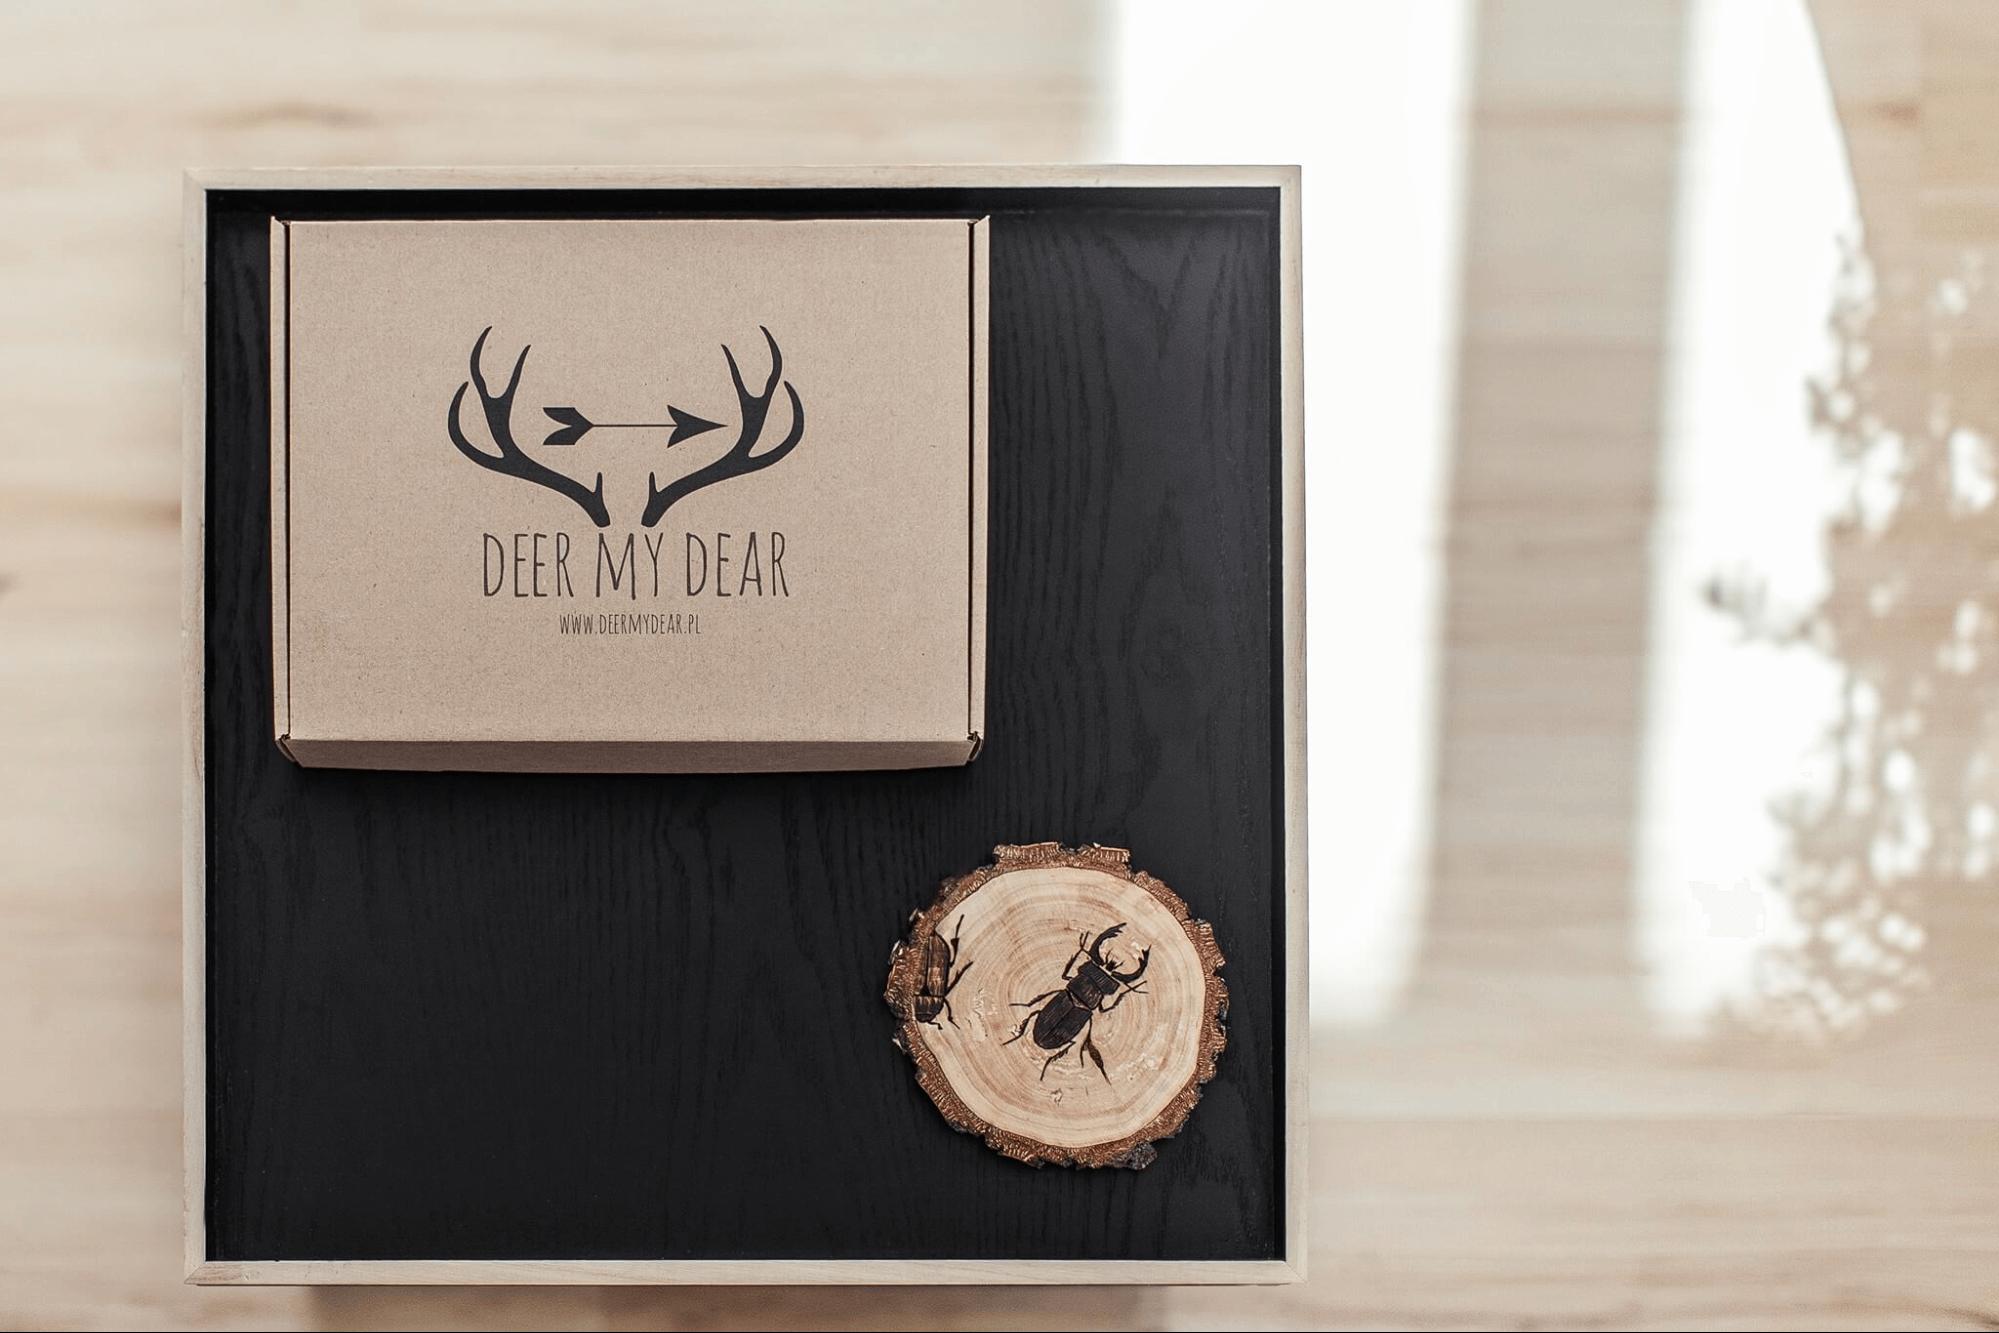 Packaging écologique personnalisé pour la marque Deer my dear